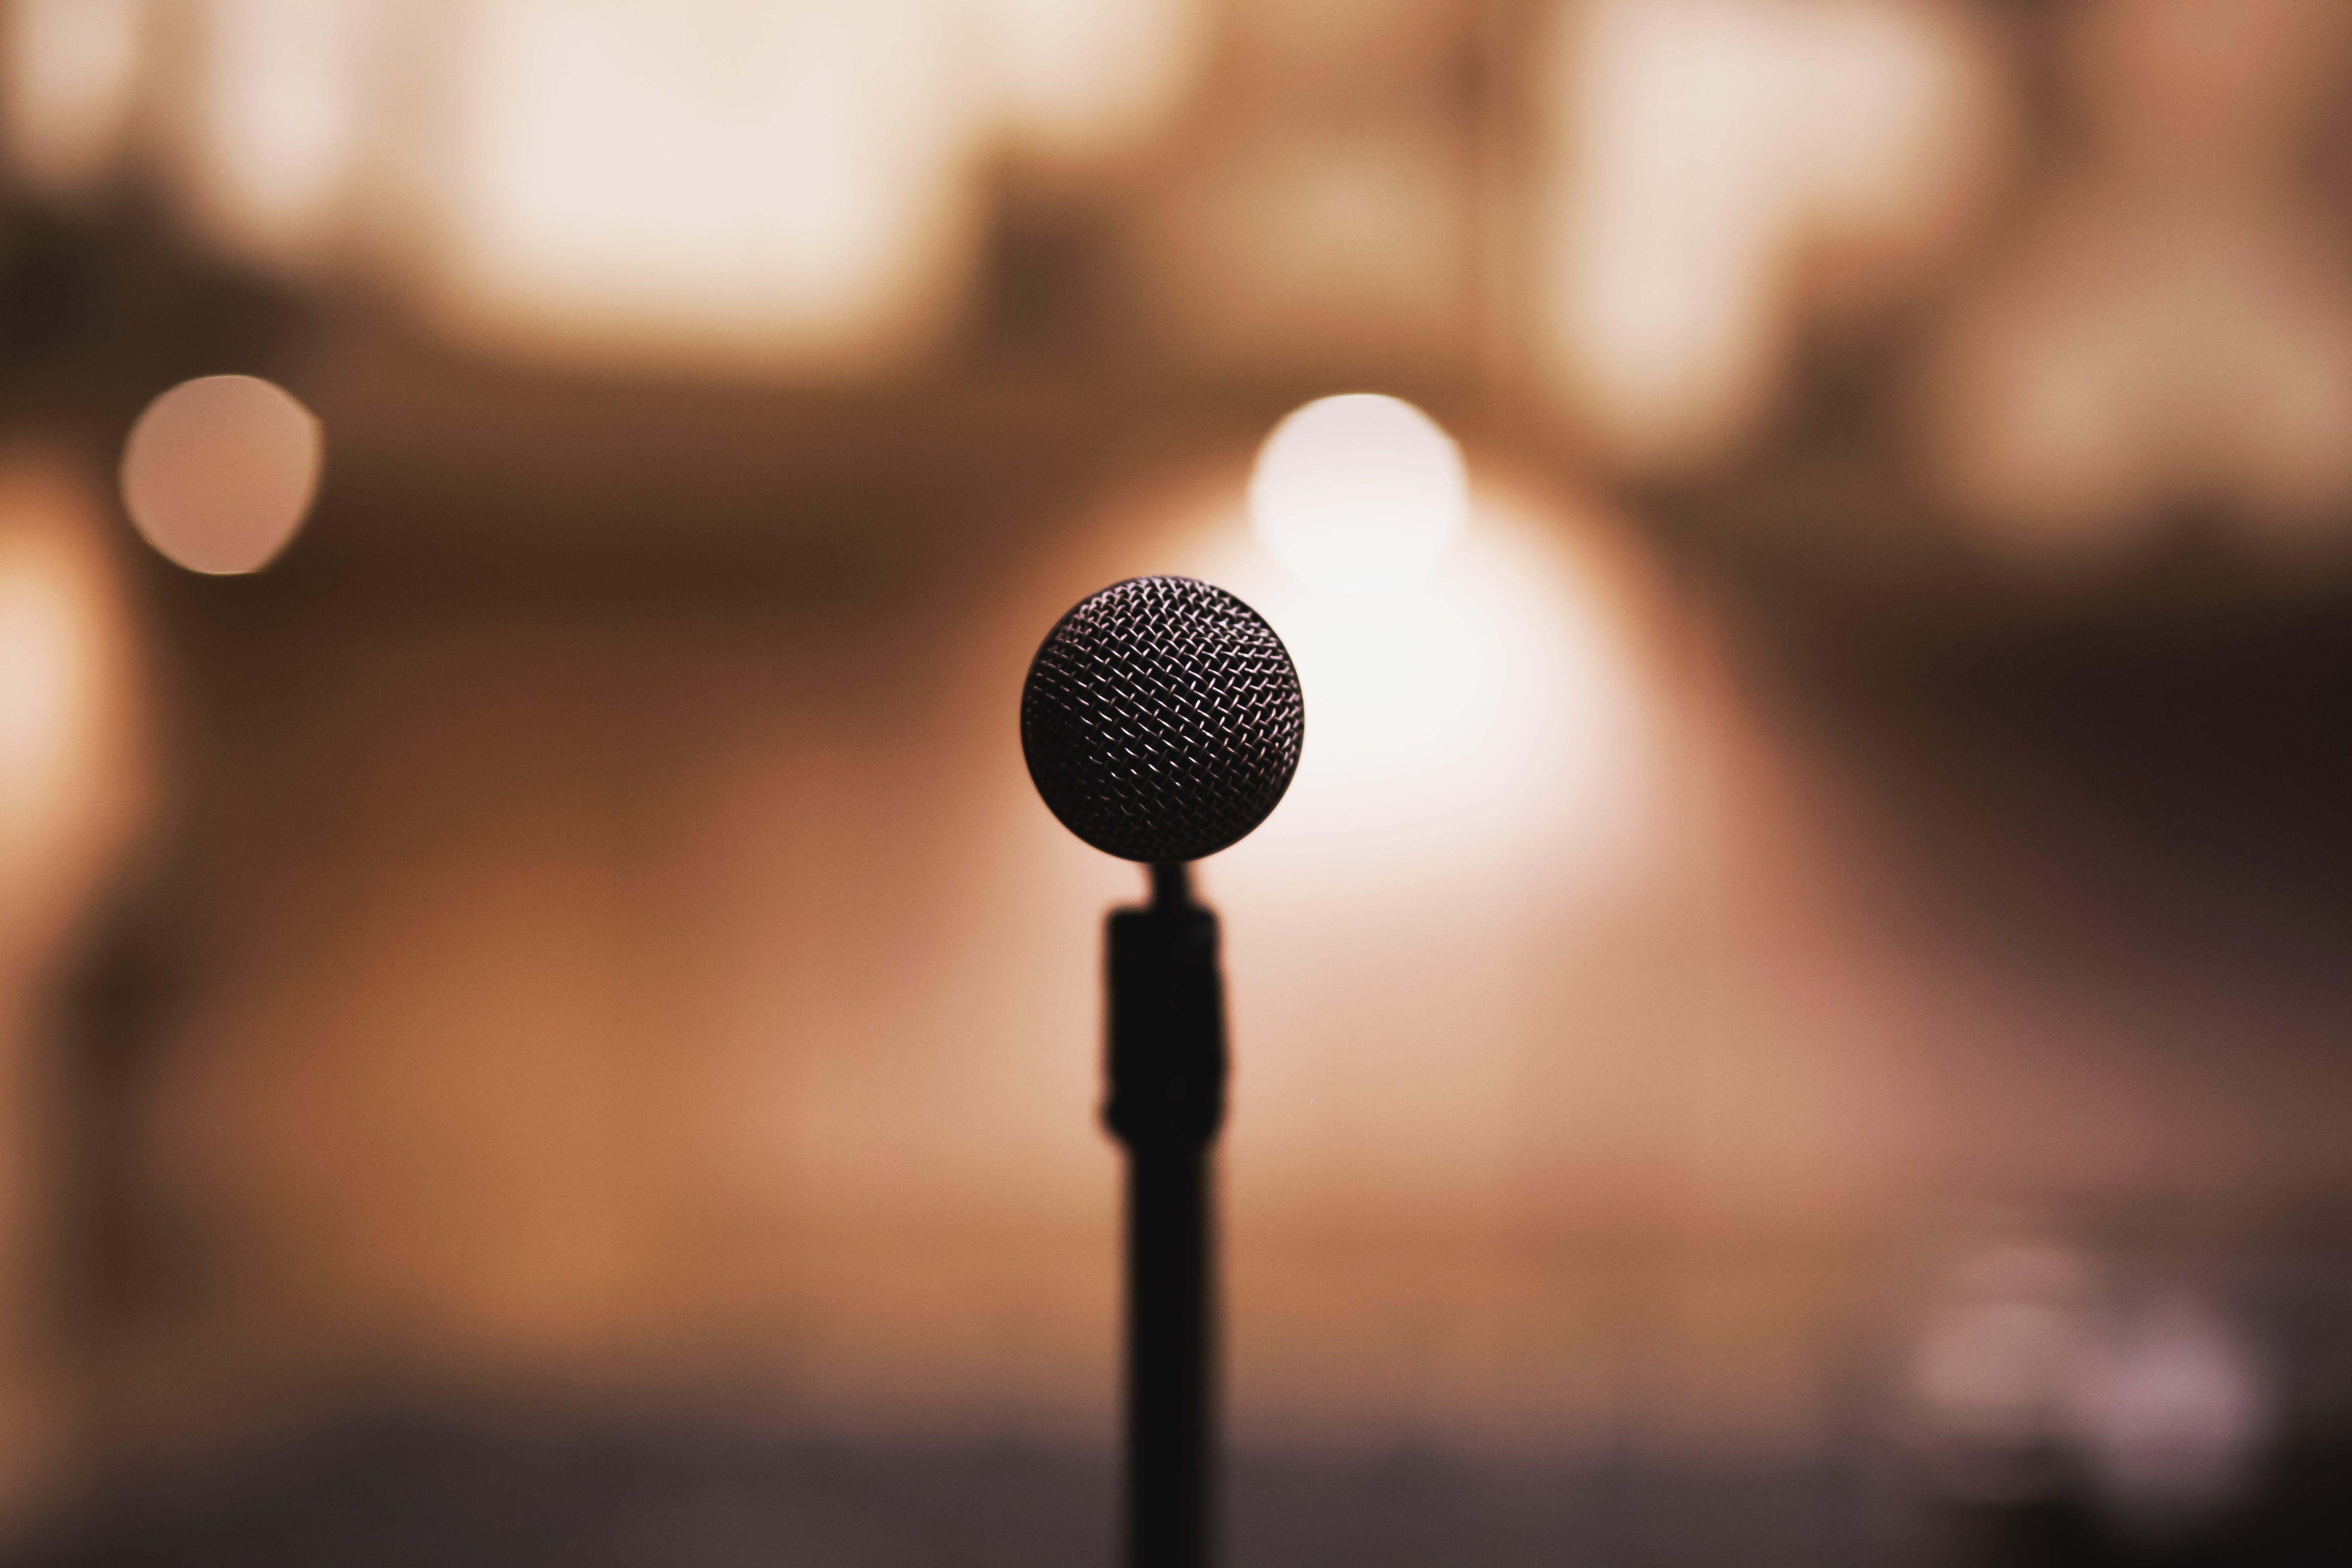 100+ amazing microphone photos · pexels · free stock photos